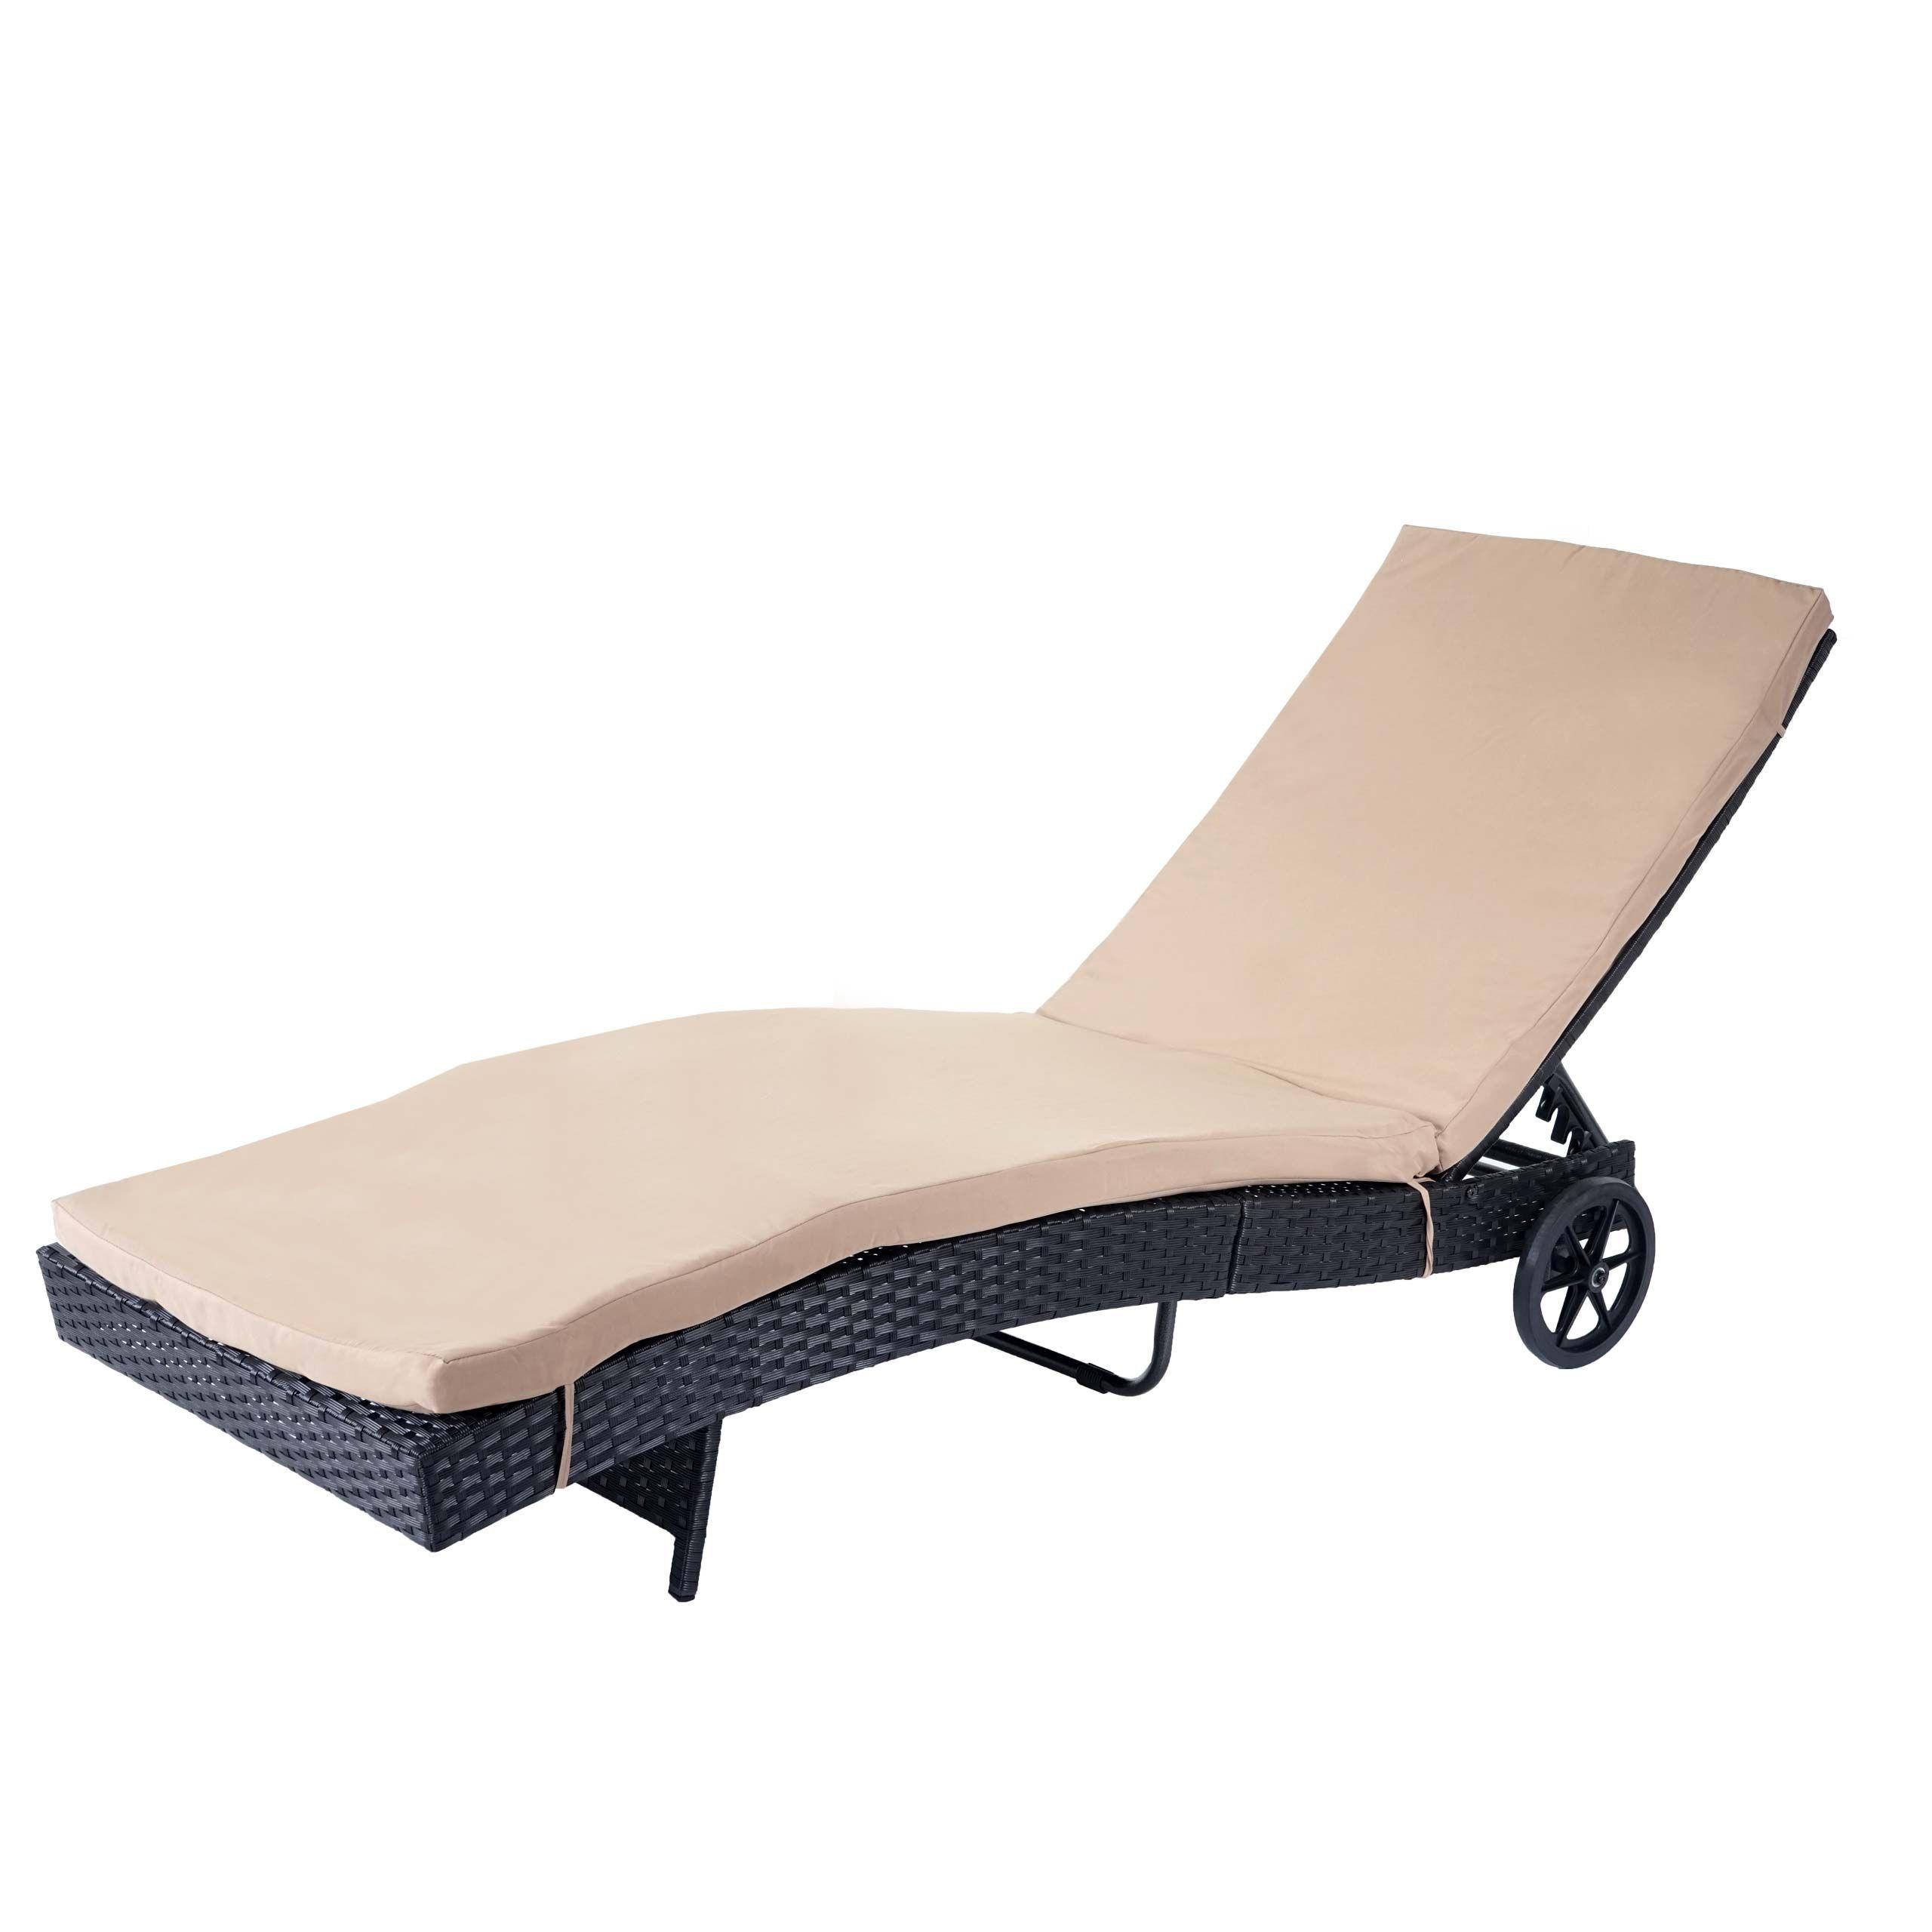 Sonnenliege Hwc D80 Gartenliege Relaxliege Liege Poly Rattan Anthrazit Kissen Beige Sonnenliege Liegestuhl Relaxliege